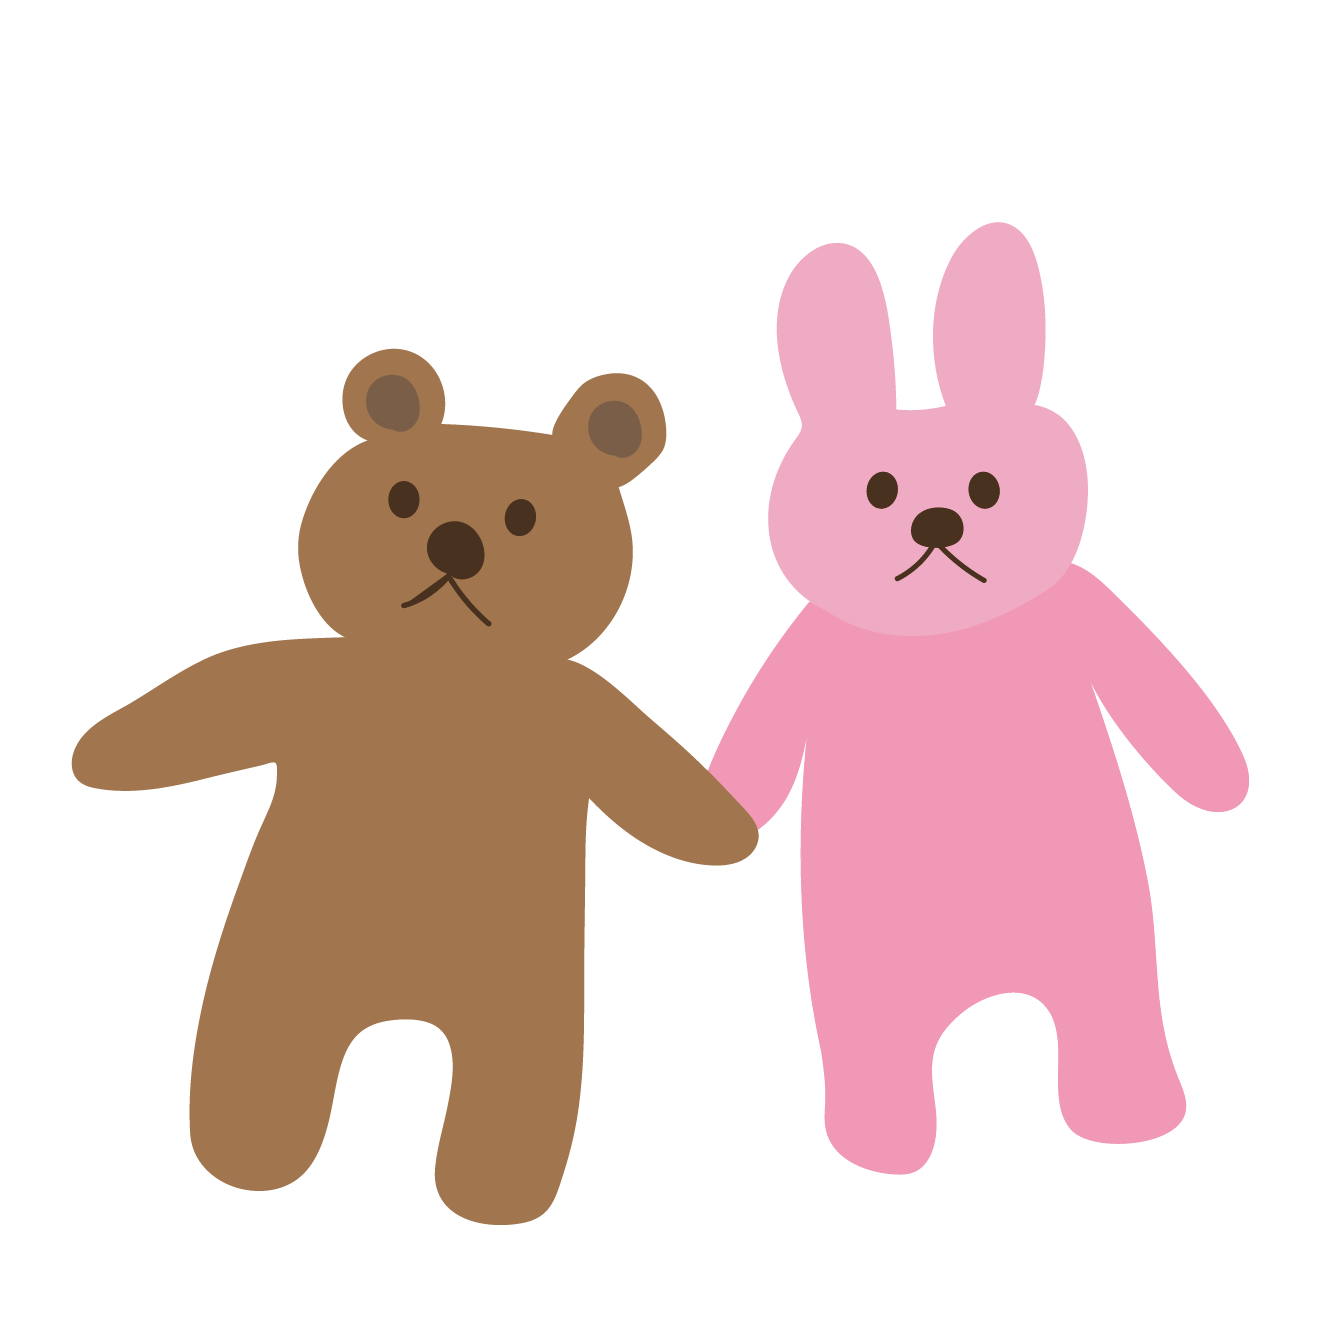 熊(くま・クマ・テディベア)とうさぎ(ウサギ)のぬいぐるみの